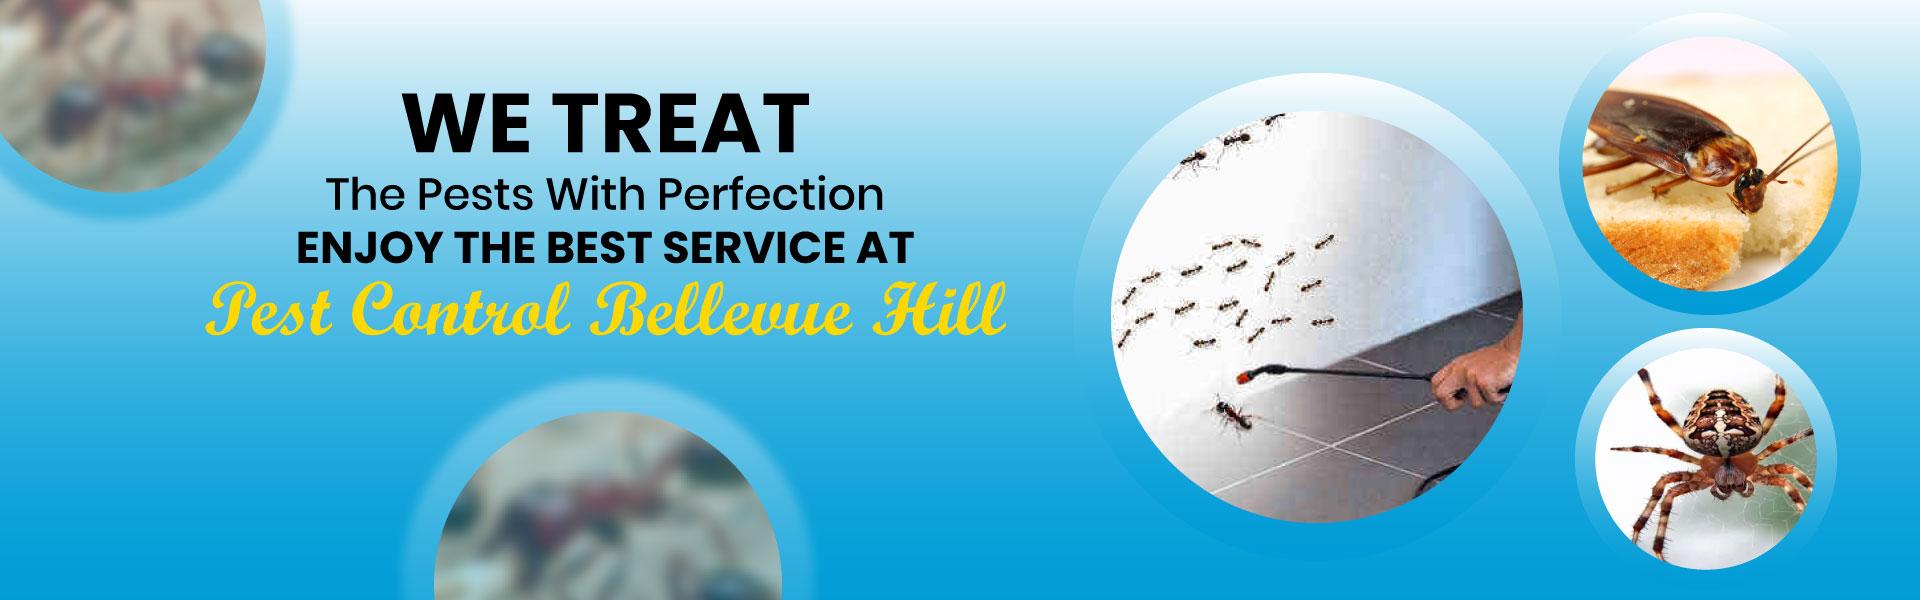 Expert Pest Control Bellevue Hill